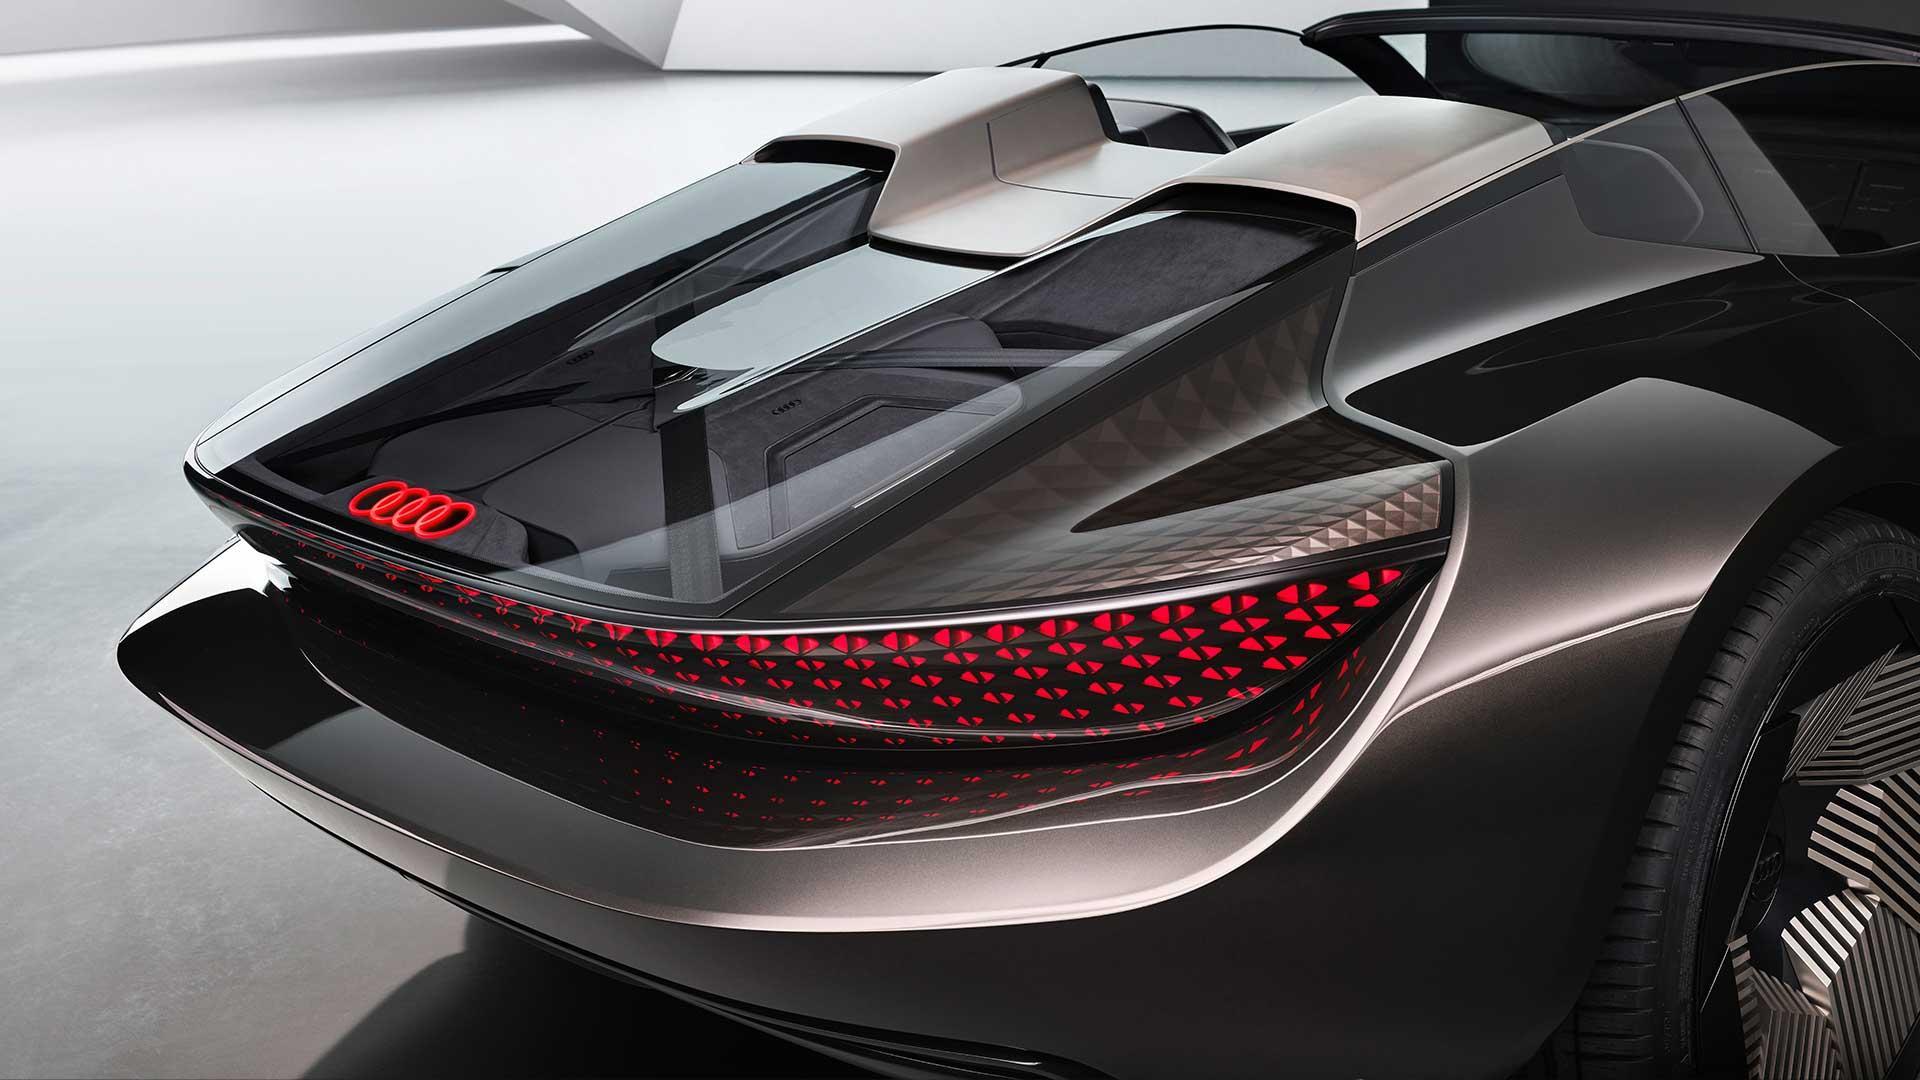 Daklijn Audi Skysphere